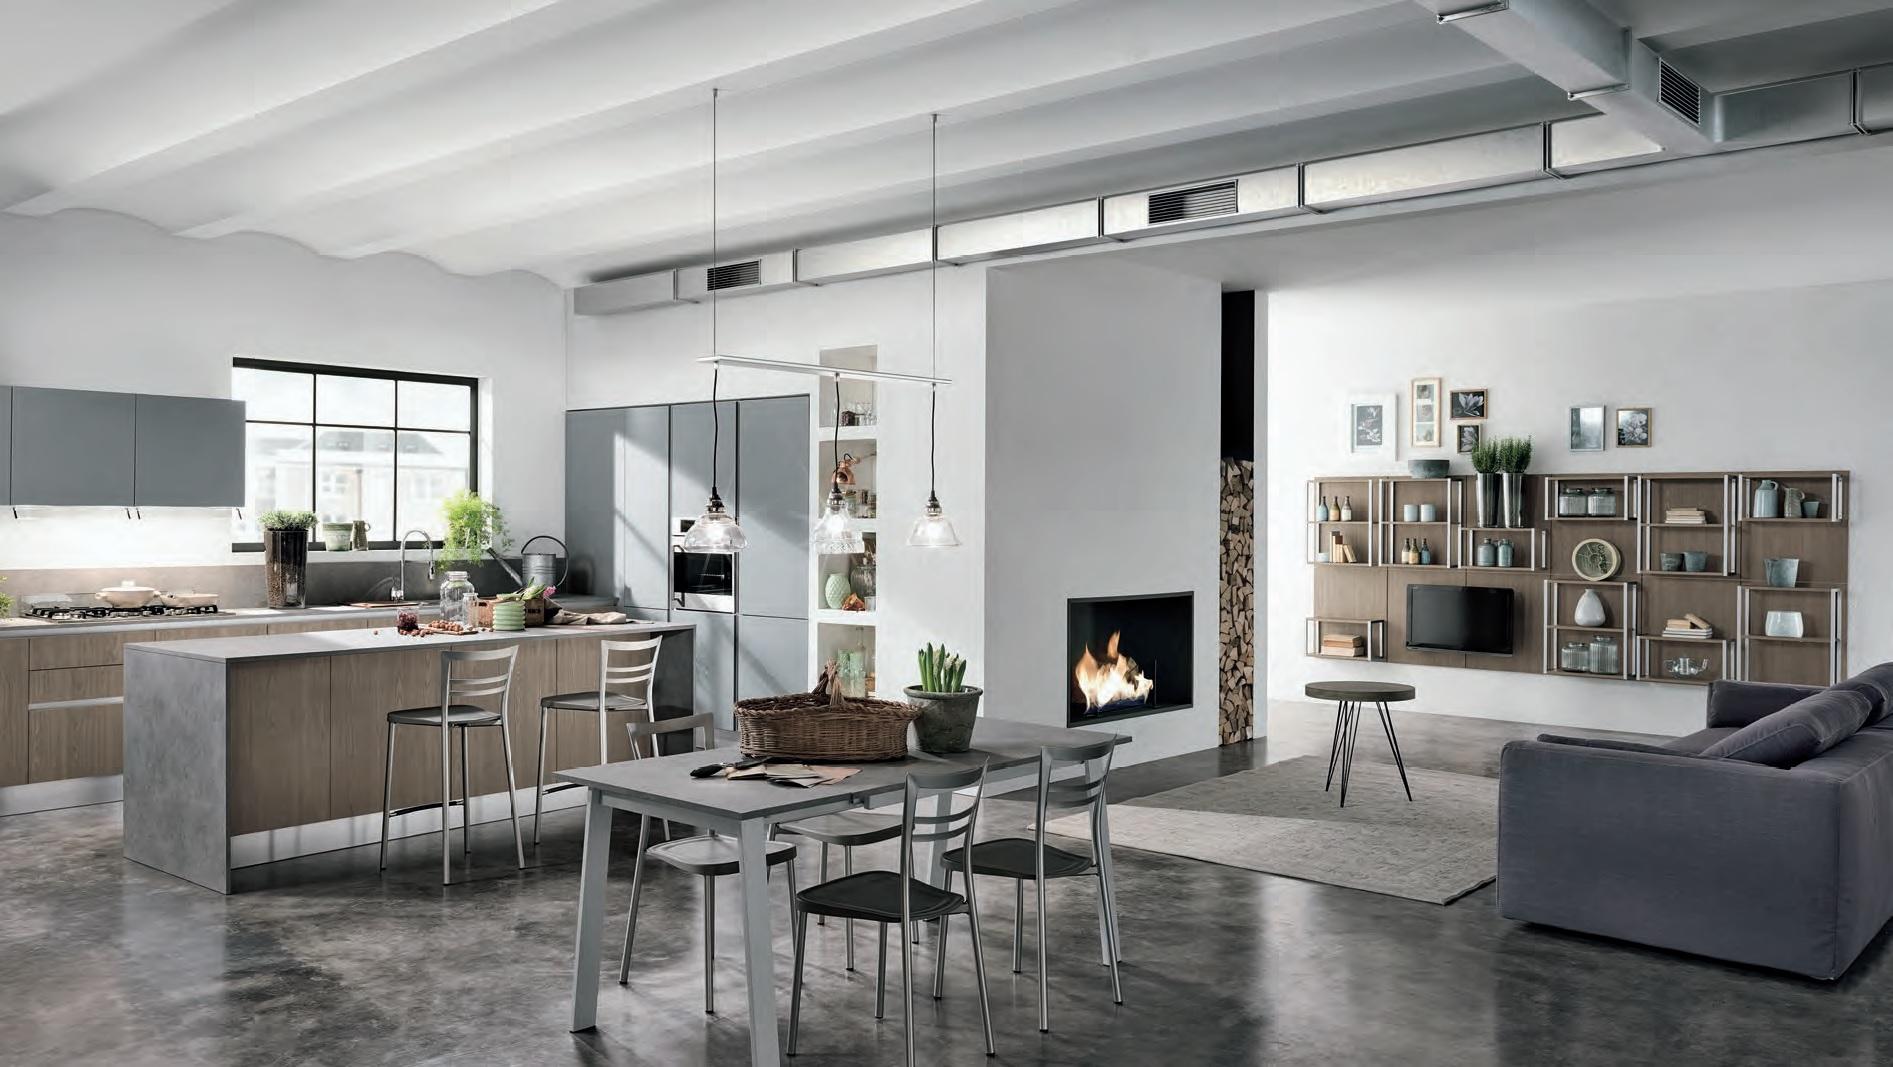 Cucina Open Space Moderna la cucina moderna - riganelli arredamenti